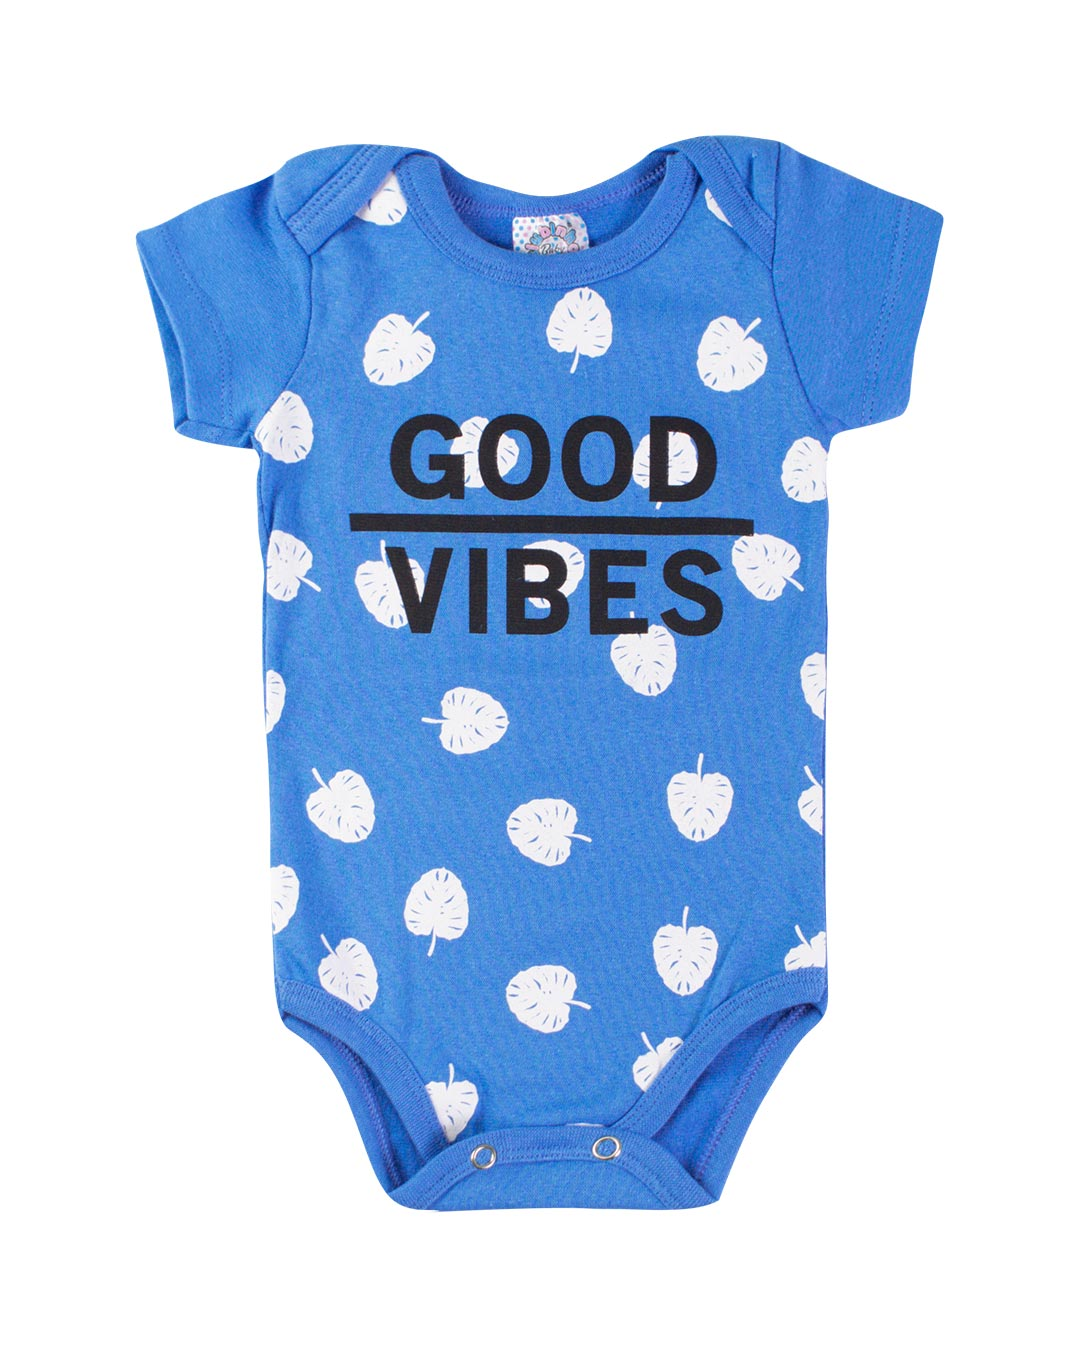 Body Bebê Good Vibes - Clubinho